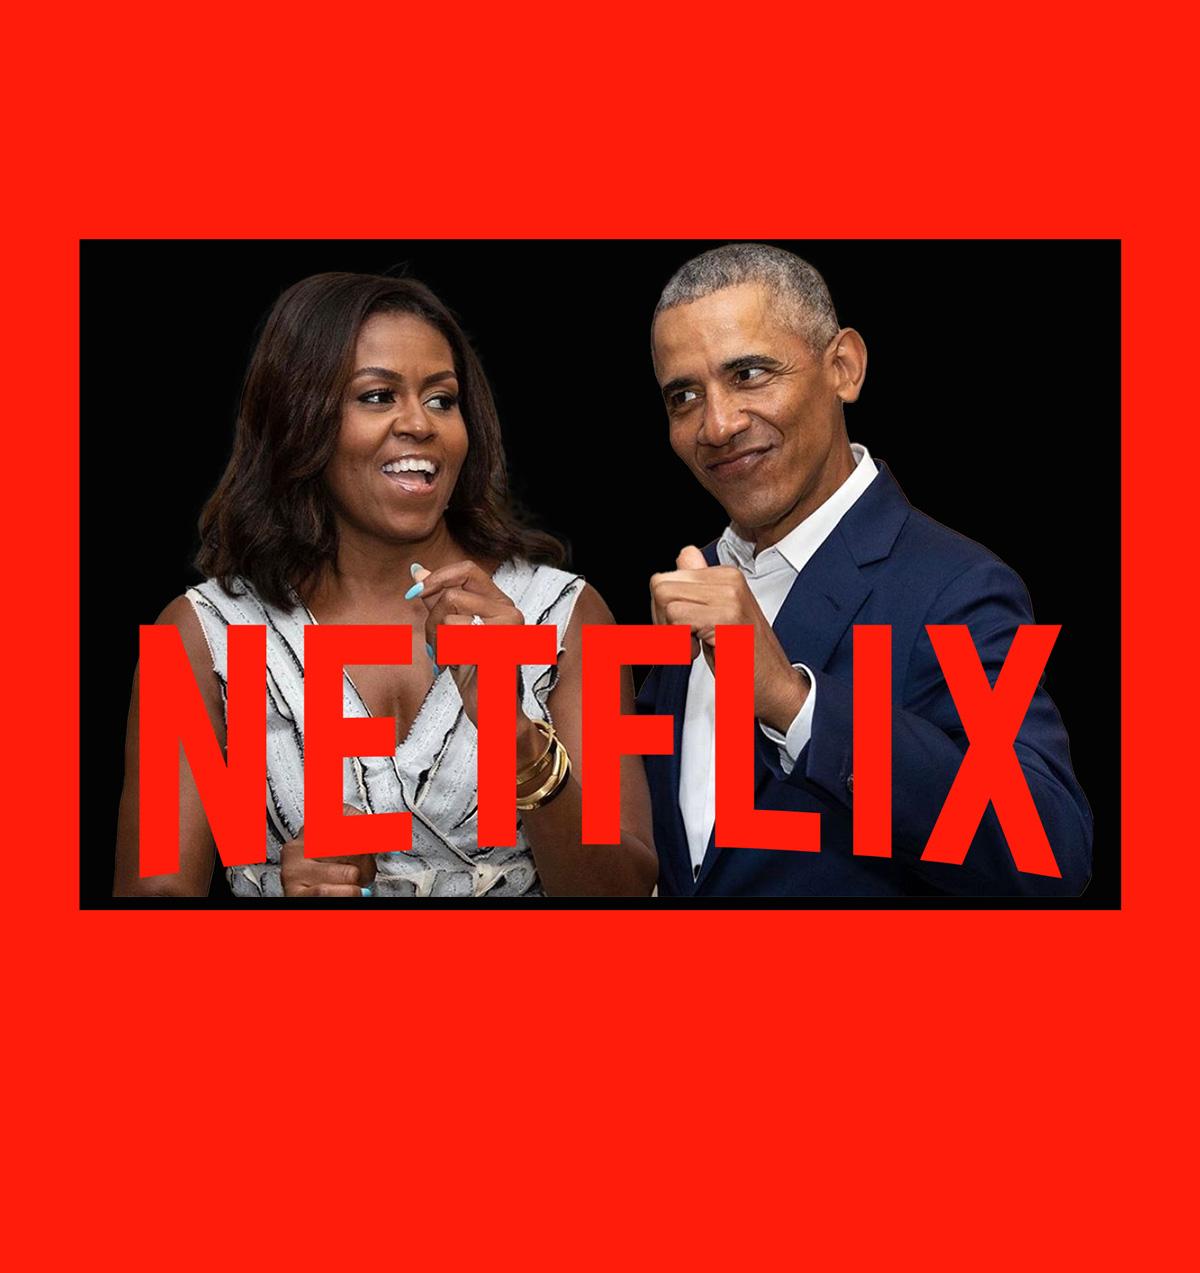 Obama Renaissance Underway? #1 Book, New Netflix Series, ex-VP now Prez #46...